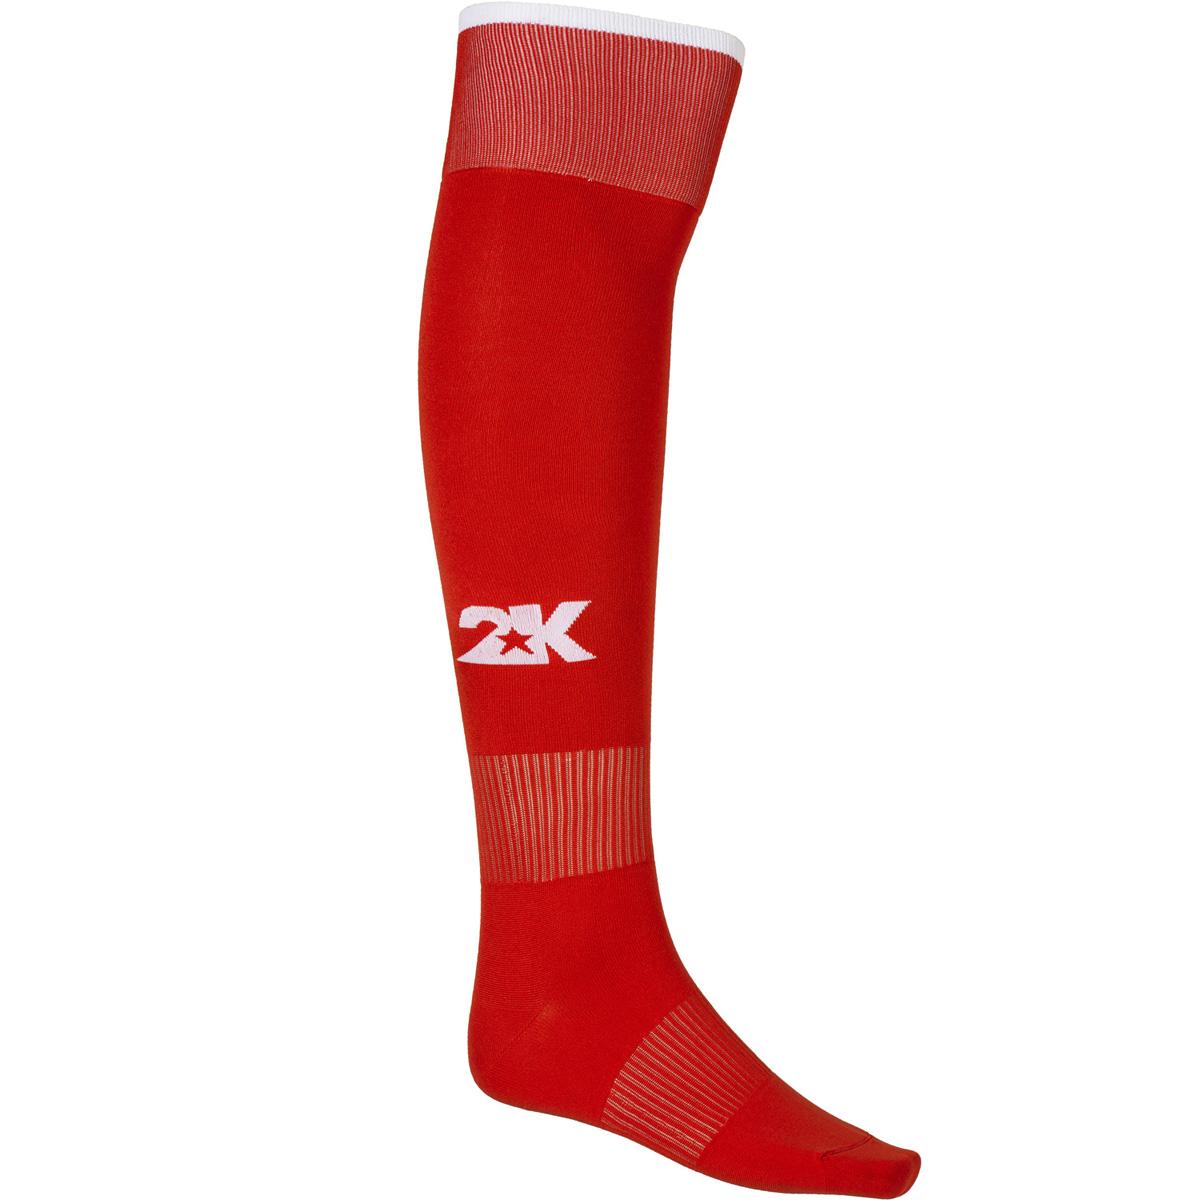 Гетры футбольные 2K Sport Classic, цвет: красный, белый. 120334. Размер 41/46120334_red/whiteКлассические футбольные гетры выполнены из высококачественного материала. Оформлены логотипом бренда.